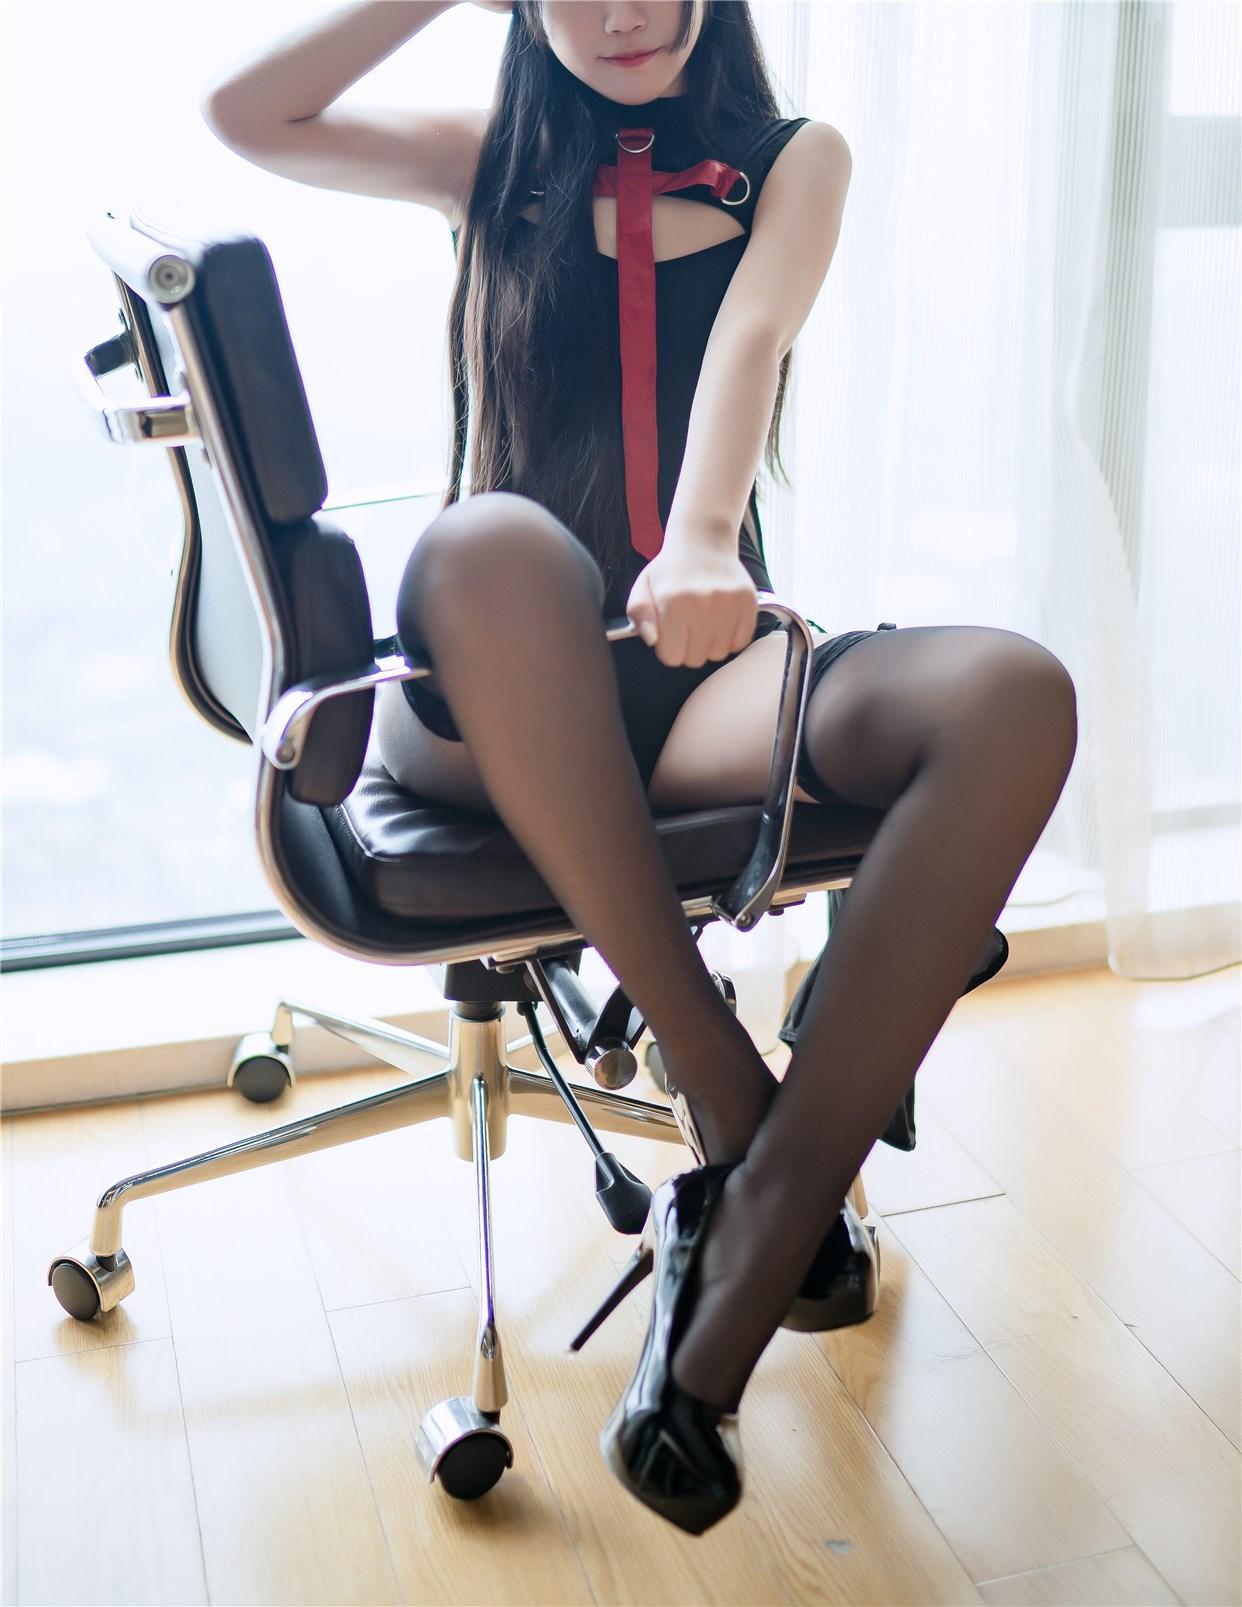 【兔玩映画】黑丝高跟鞋 兔玩映画 第40张